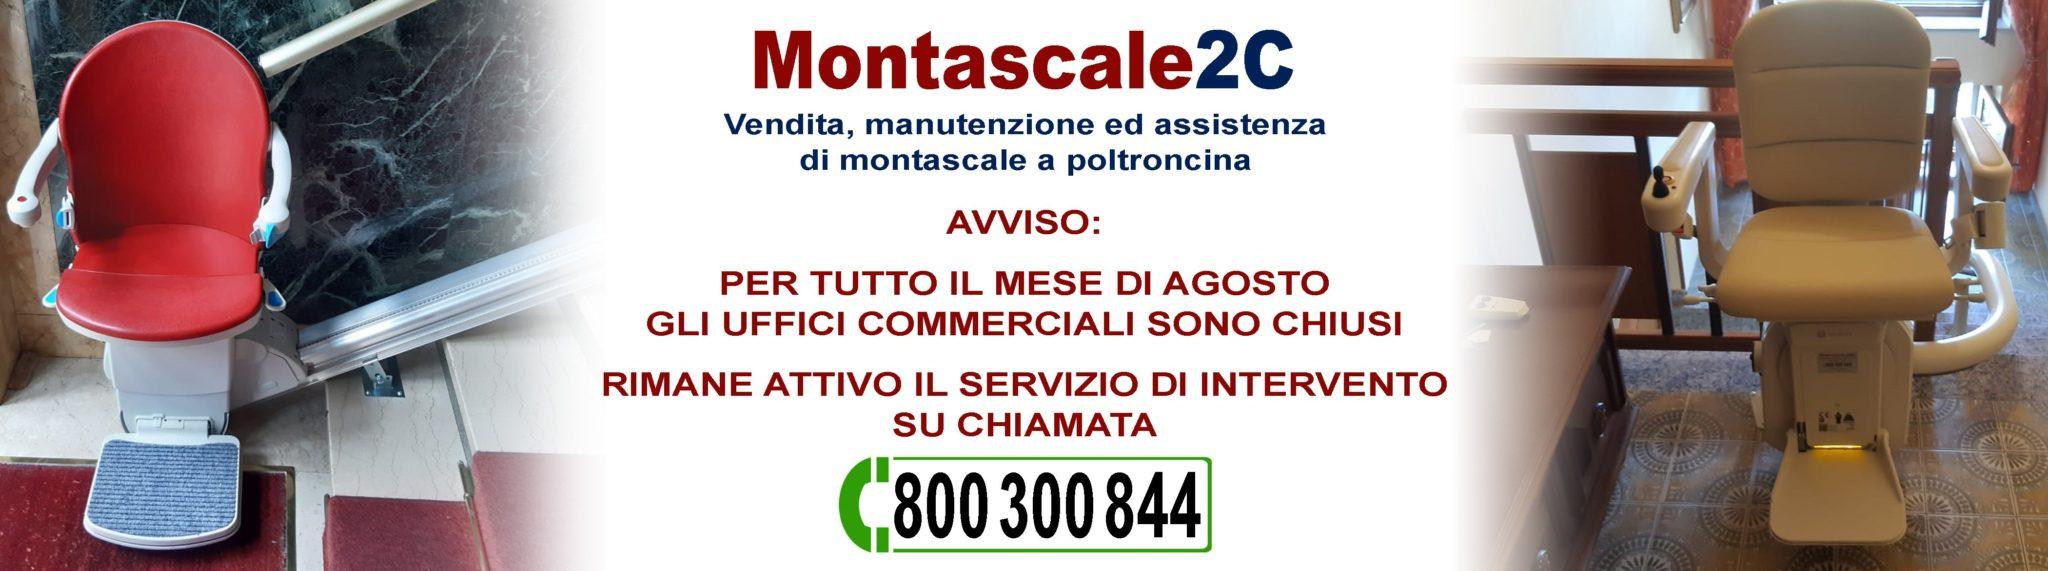 immagine banner sito Web montascale poltroncina case private e condominio con numero verde